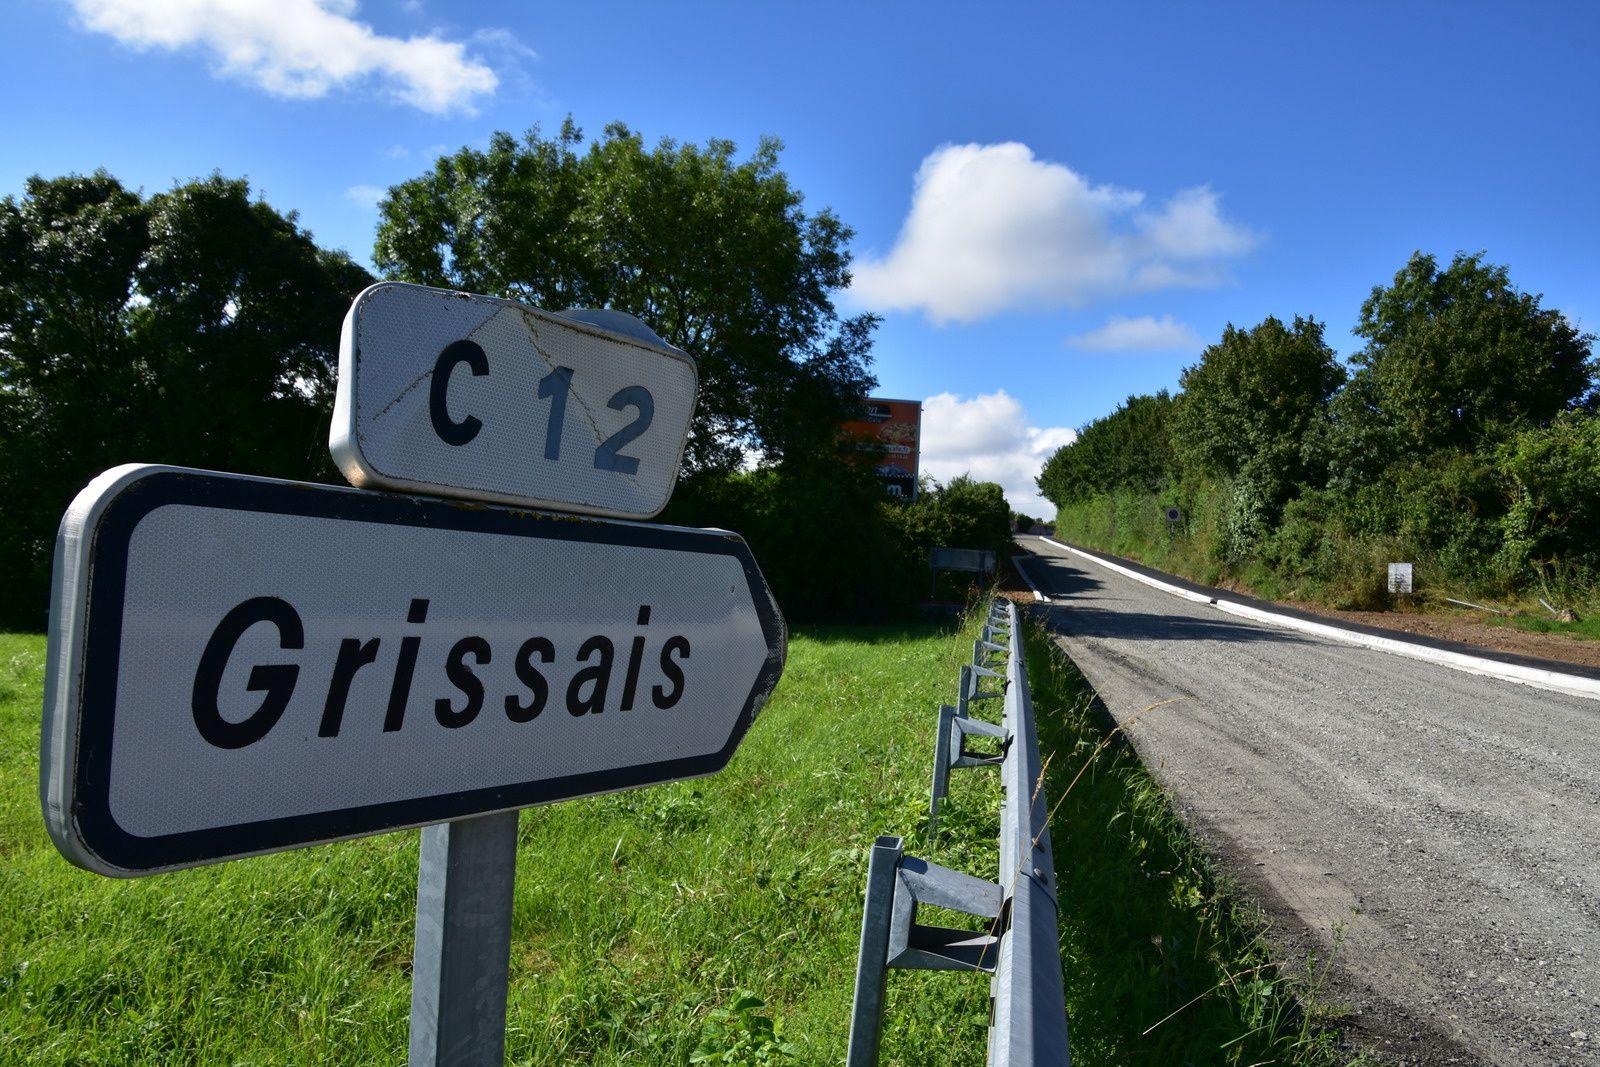 Rue de Grissais ► les travaux prochainement terminés